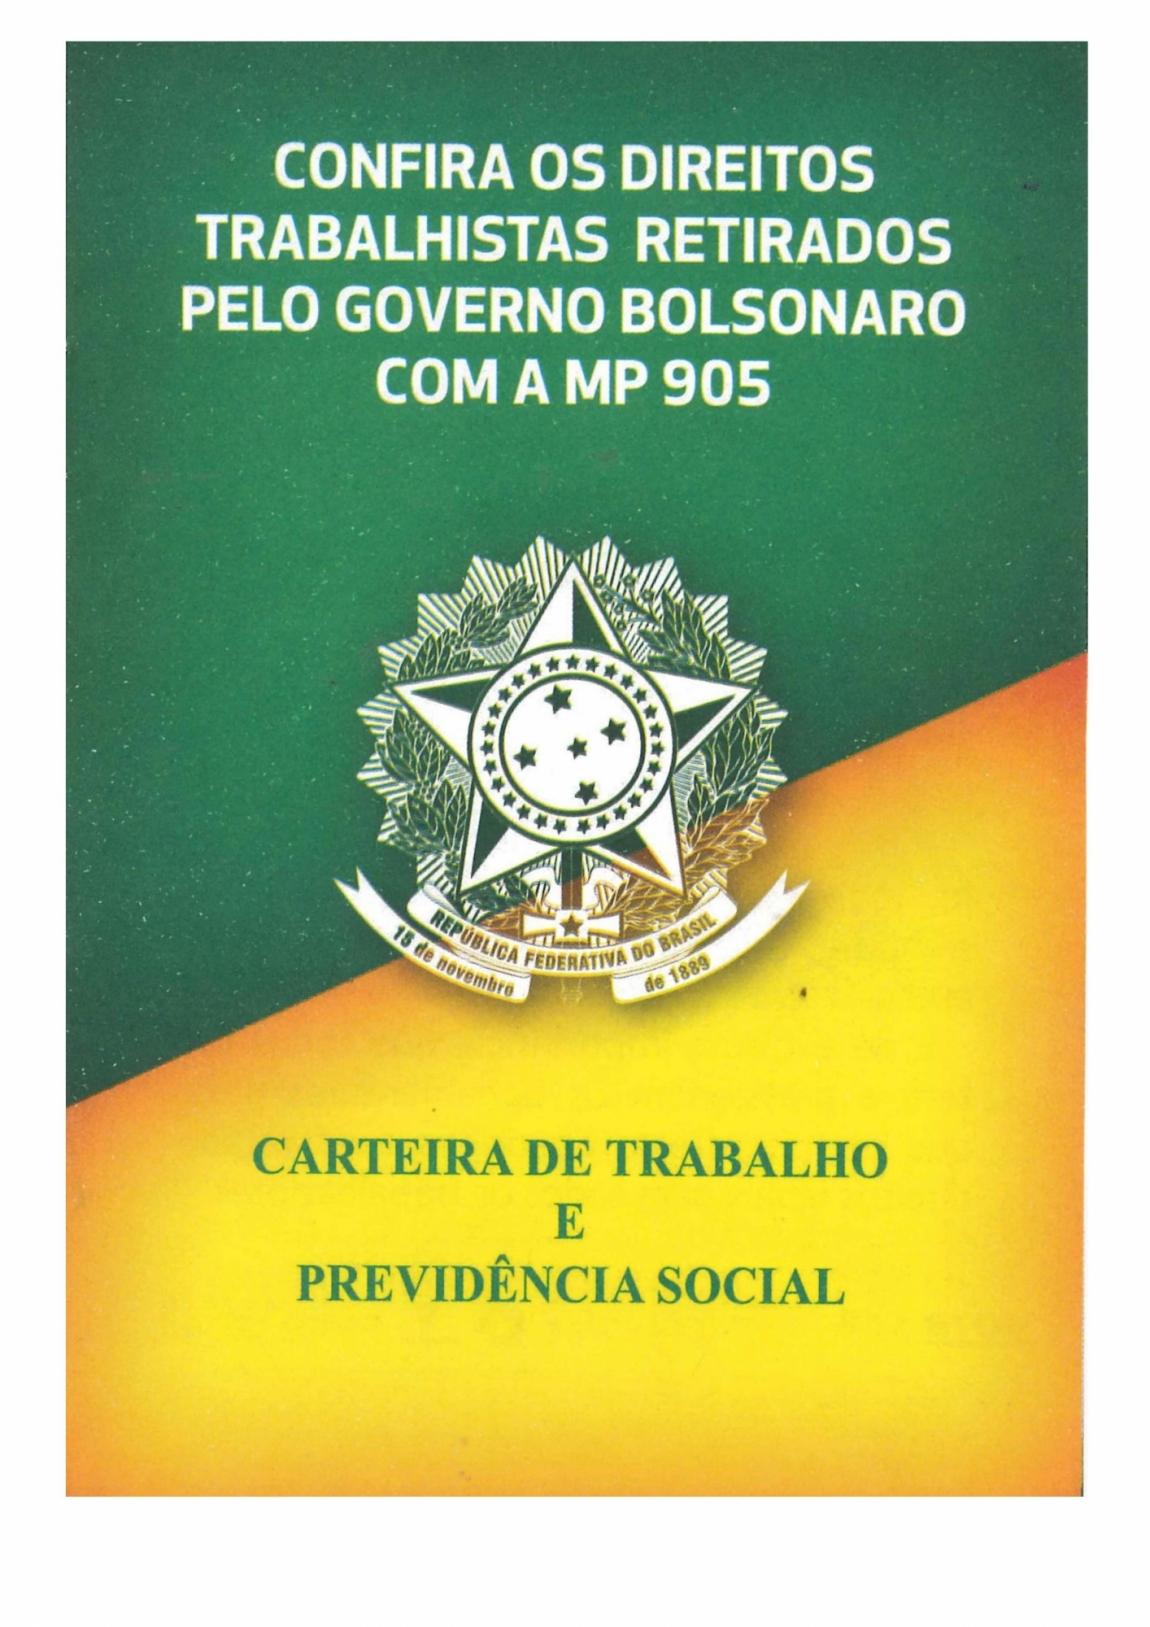 Imagem de Confira os direitos trabalhistas retirados pelo governo Bolsonaro com a MP 905